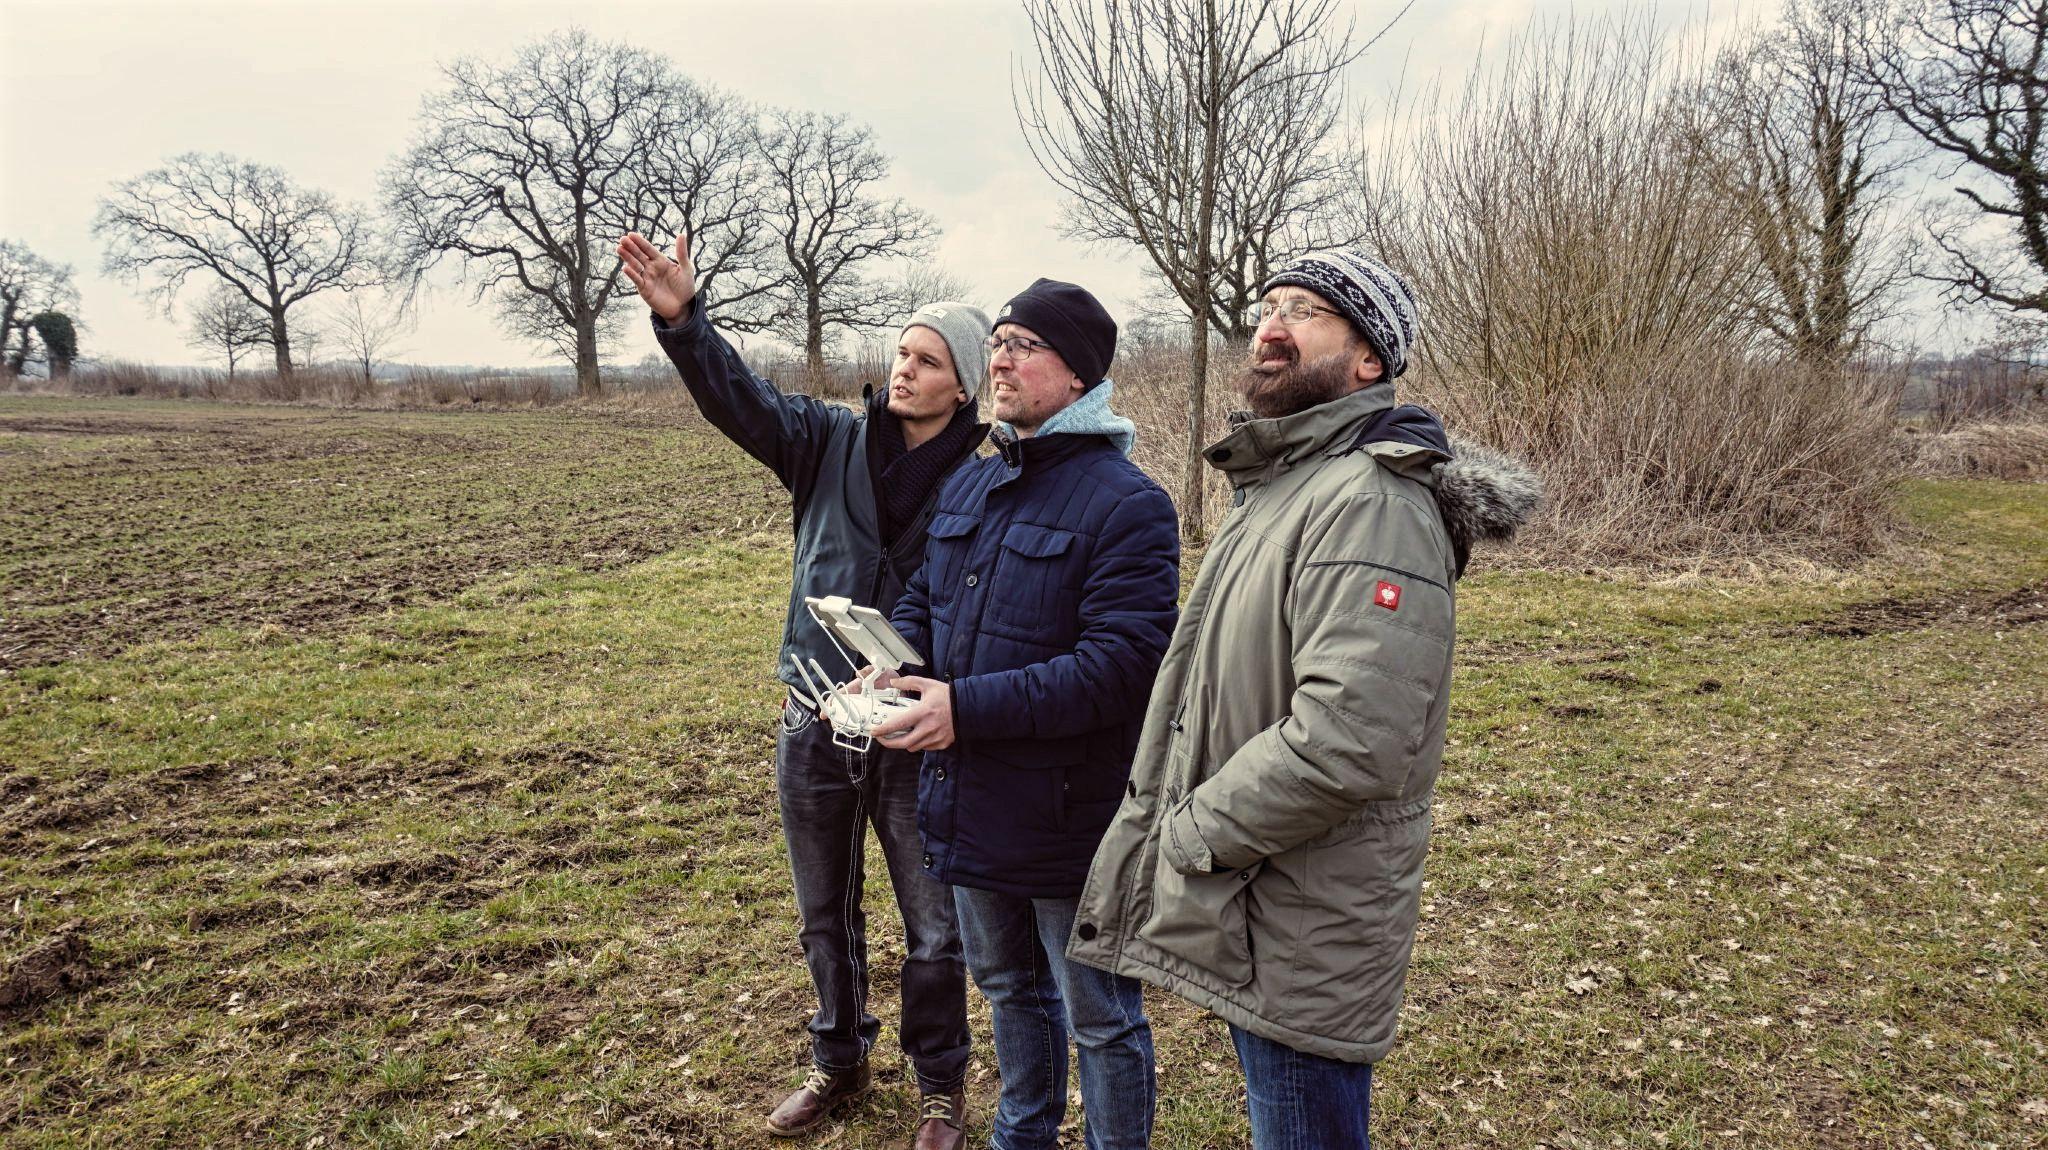 2 Tage UAS-Schulung von Mitarbeitern aus dem Bereich der Denkmalpflege und Archäologie der Hansestadt Lübeck